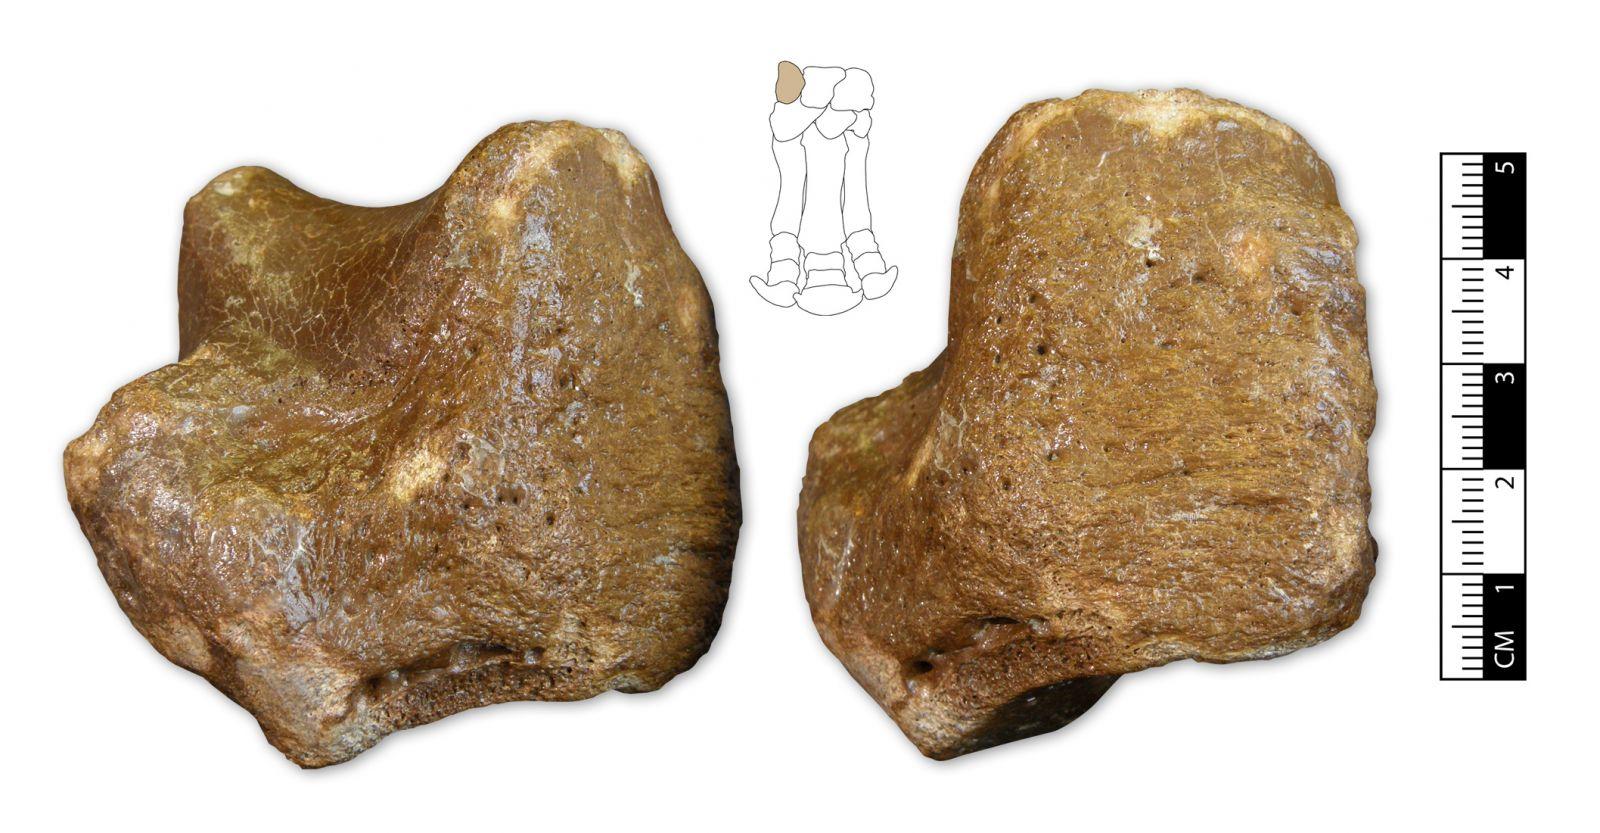 Coelodonta antiquitatis footbone